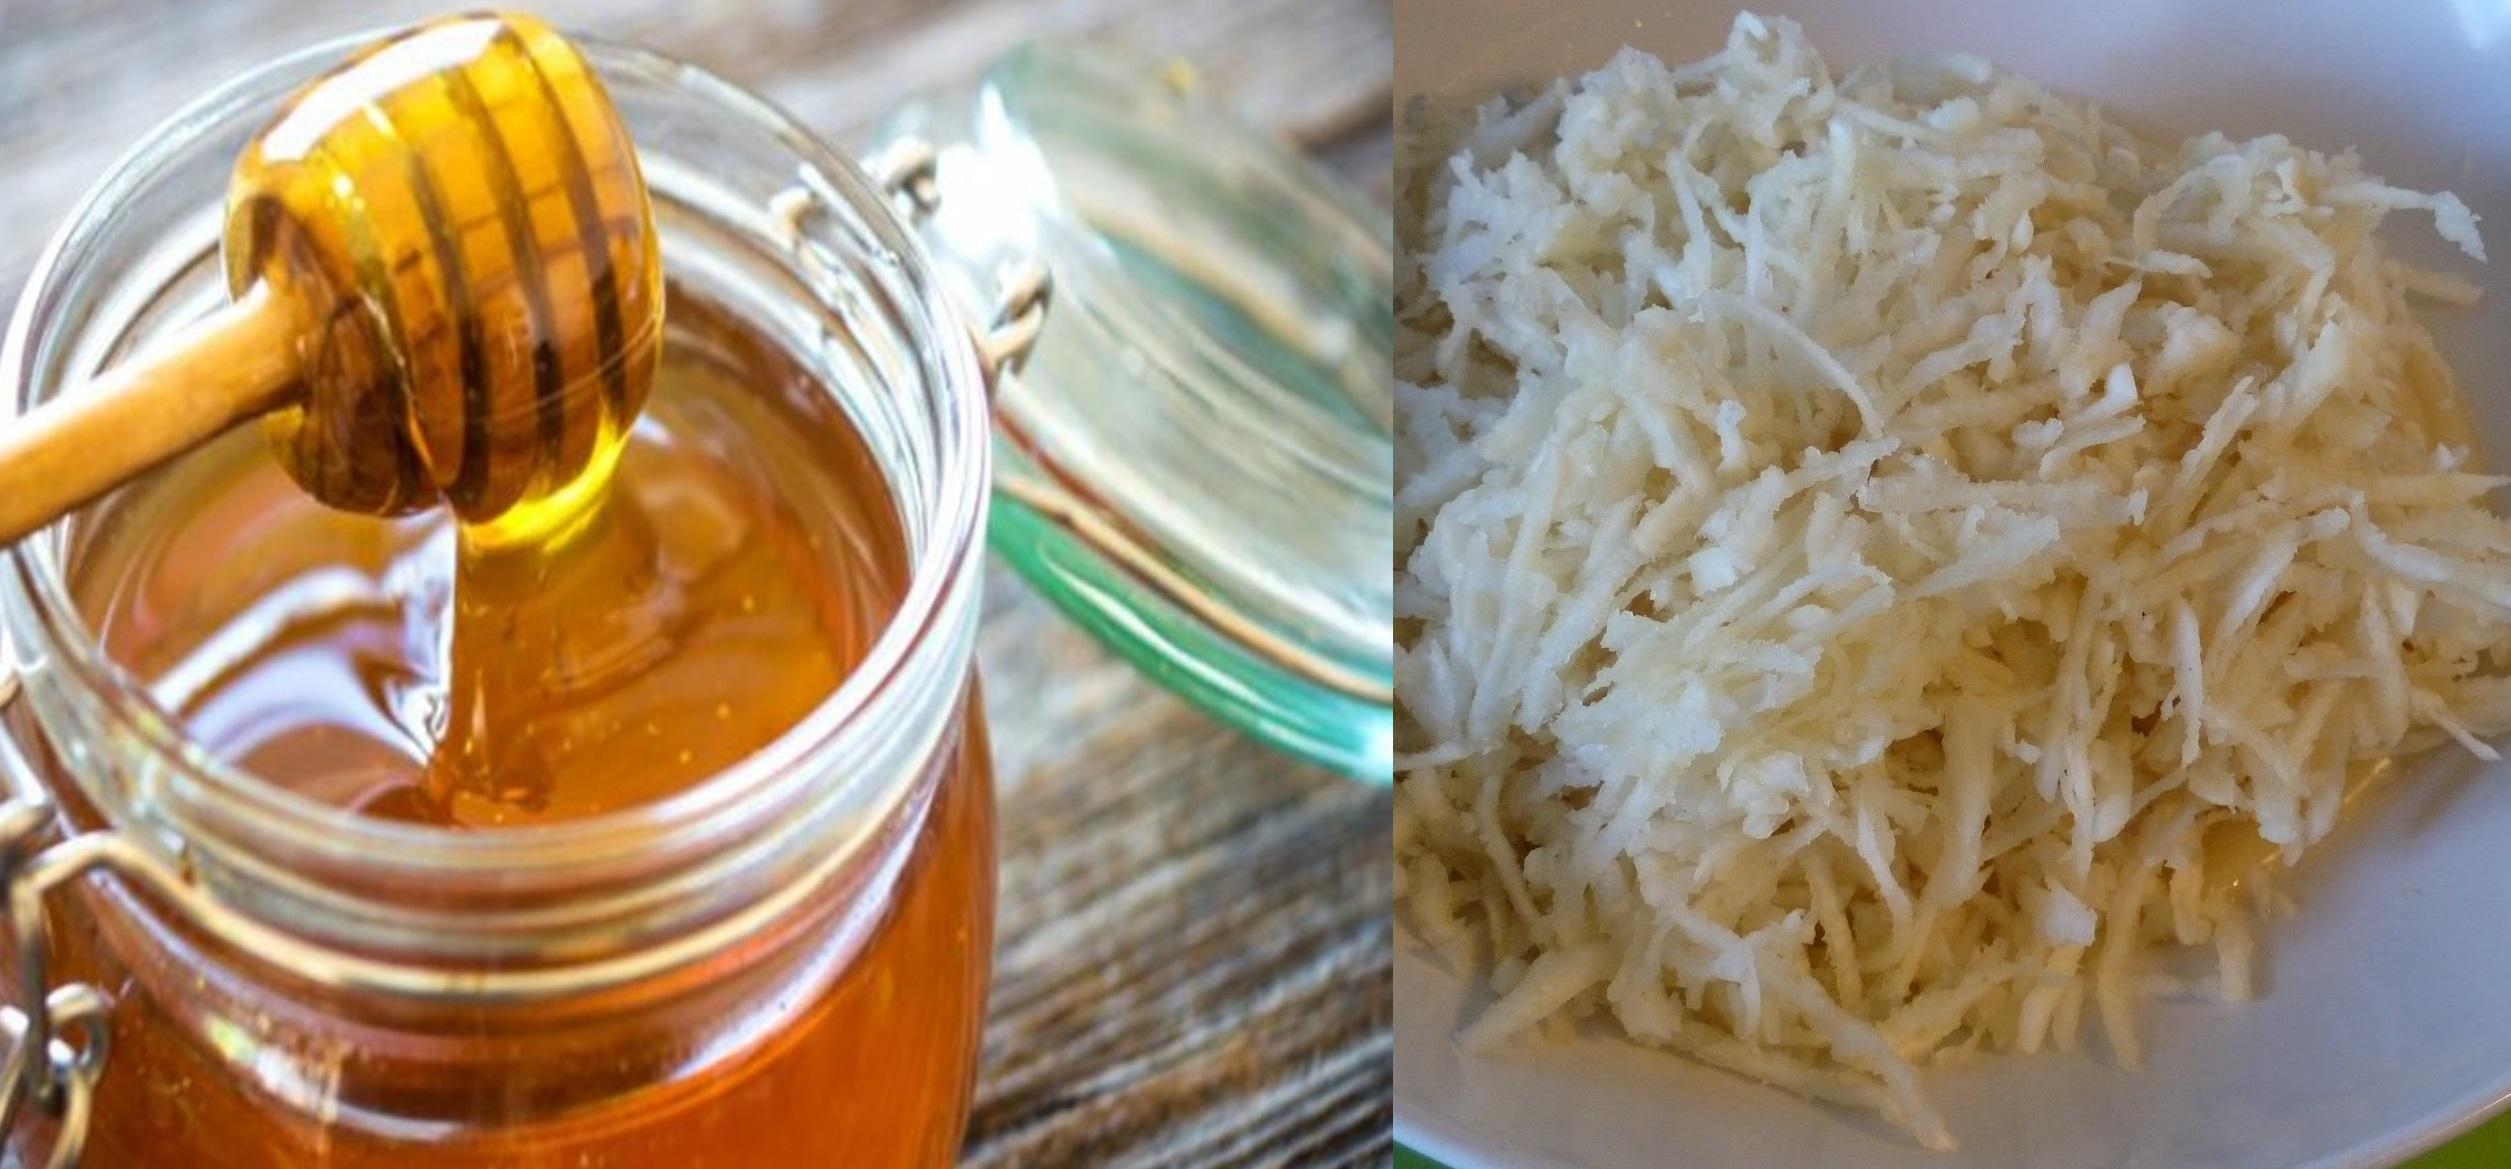 Țelină rasă cu miere – un medicament natural eficient, reduce nivelul colesterolului, scăderea glicemiei, diabet, obezitate